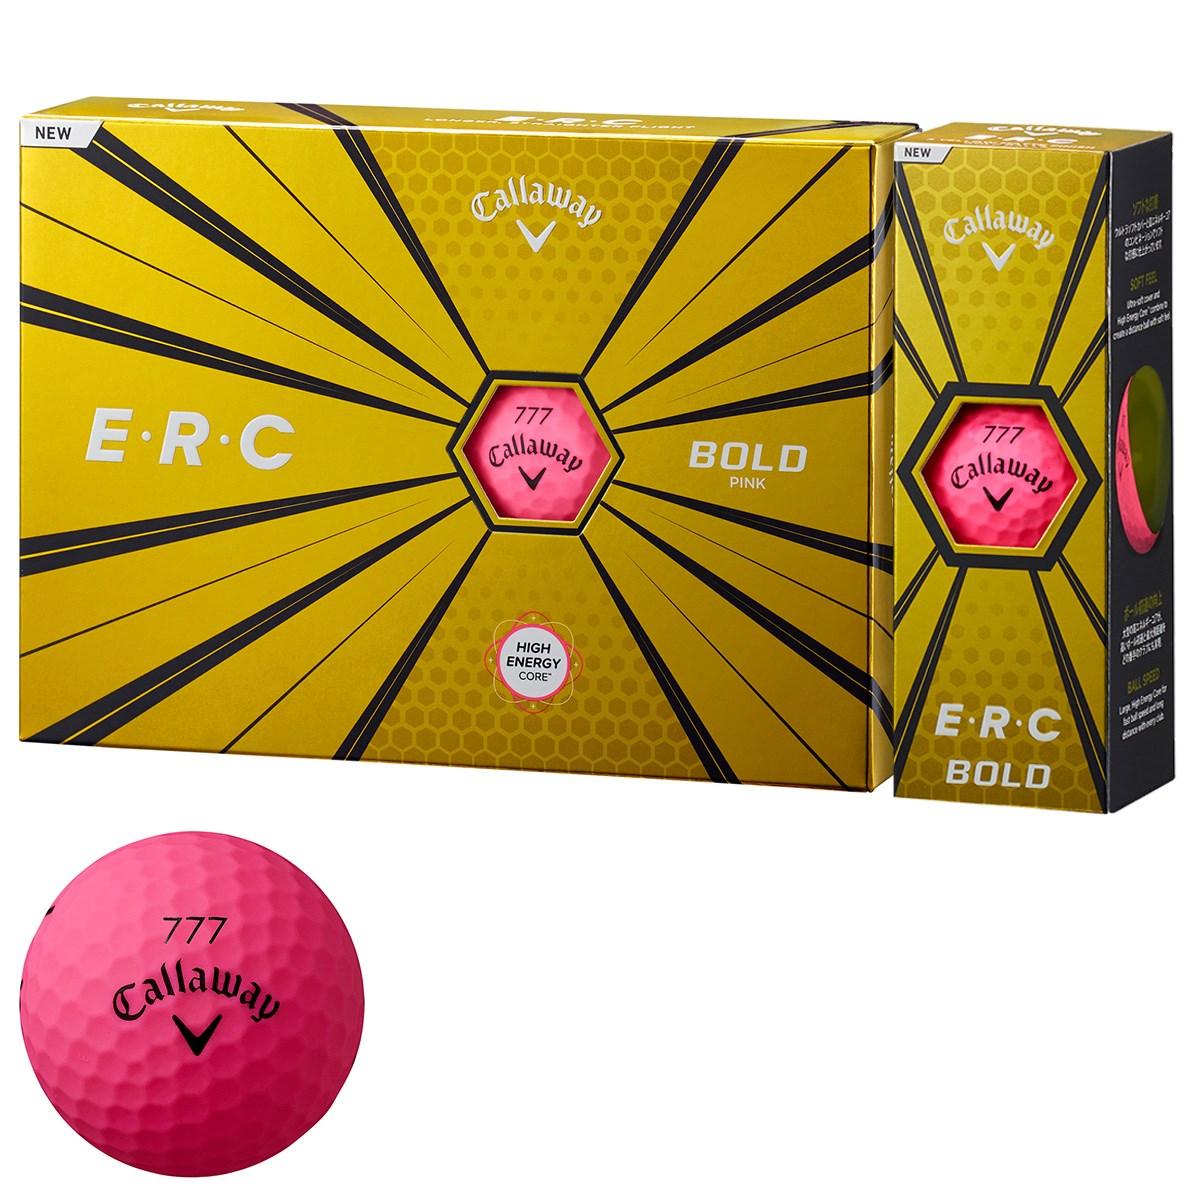 キャロウェイゴルフ E・R・C ERC 19 ボール 1ダース(12個入り) ボールドピンク